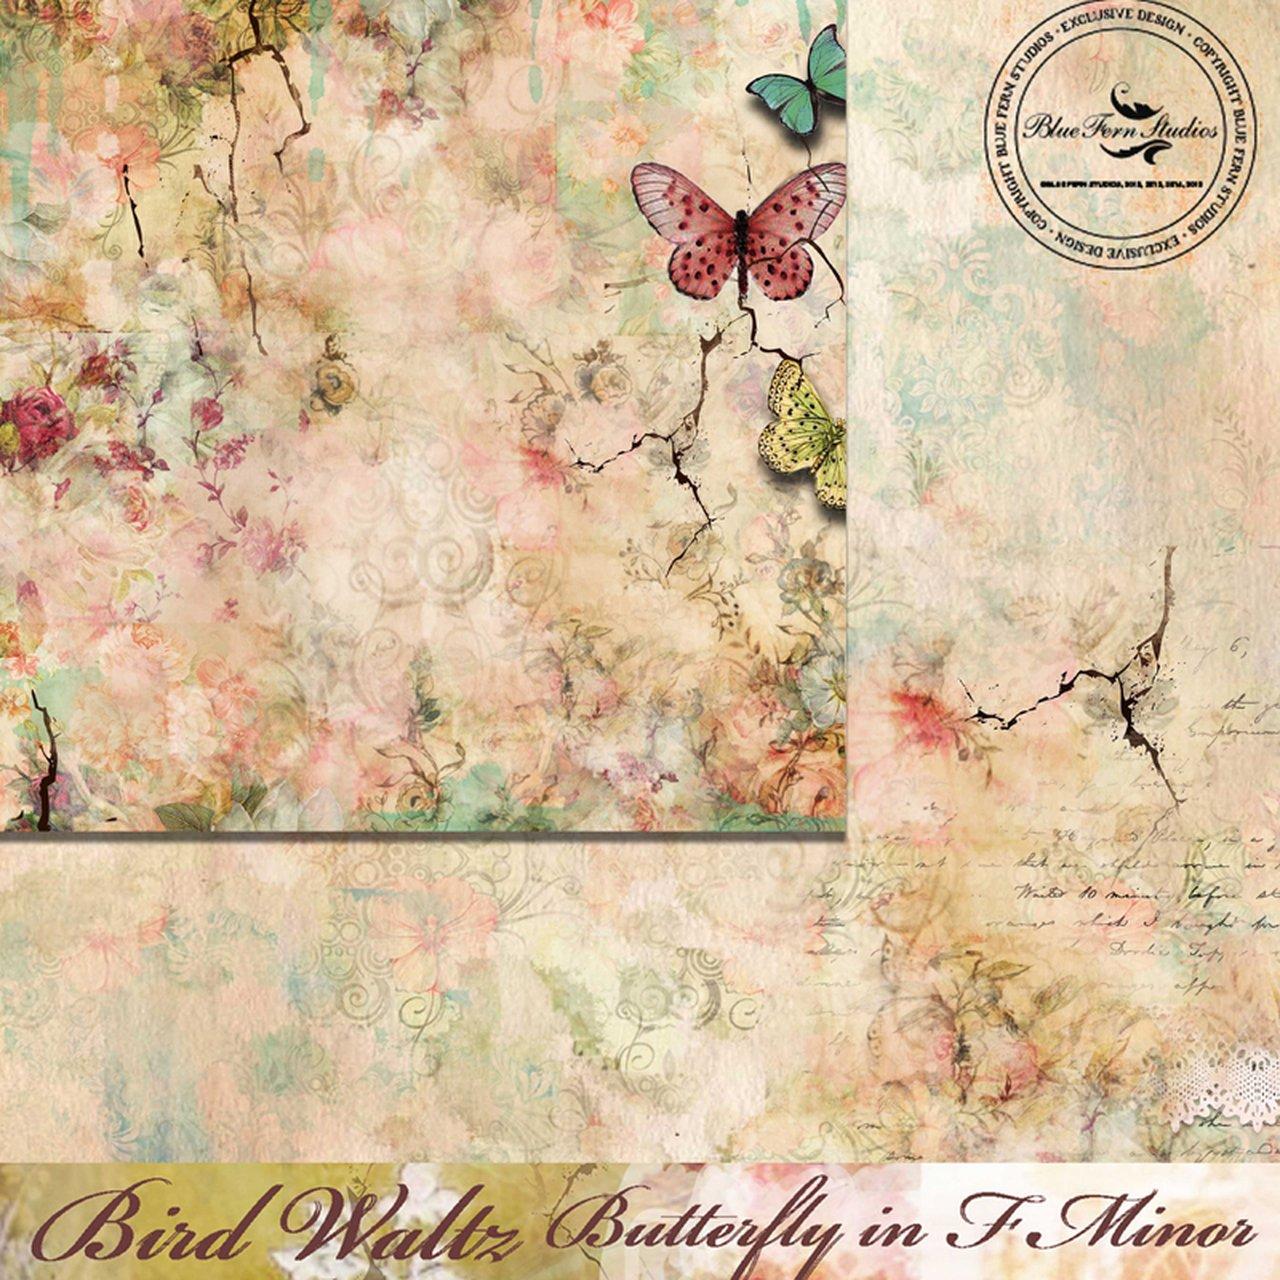 Butterfly in f Minor- Bird Waltz by Blue Fern Studios